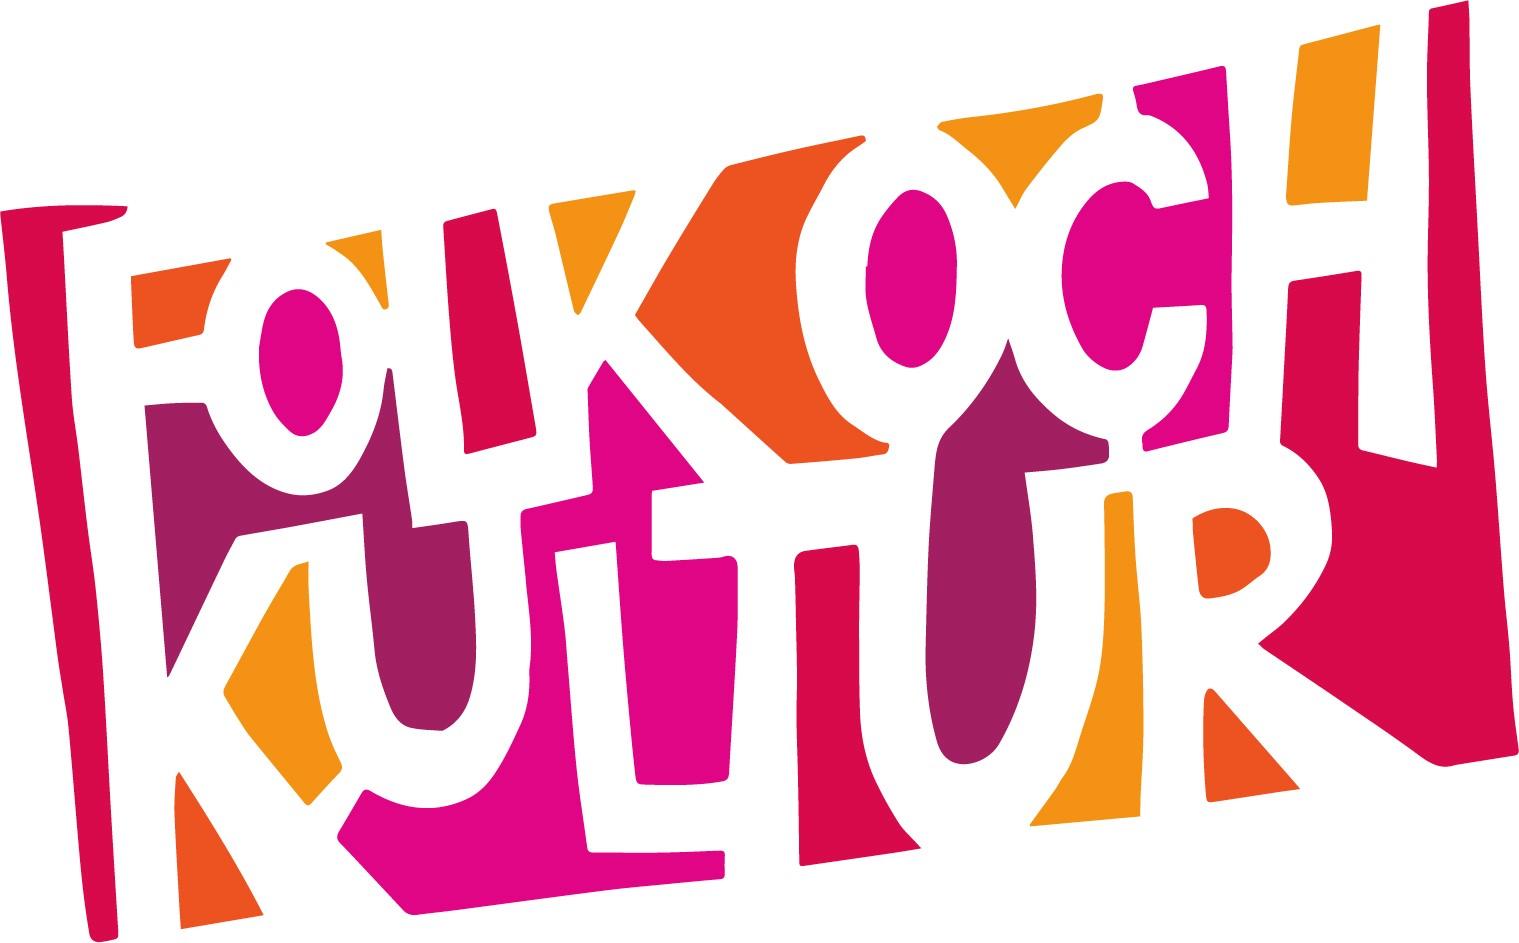 Logga Folk och kultur